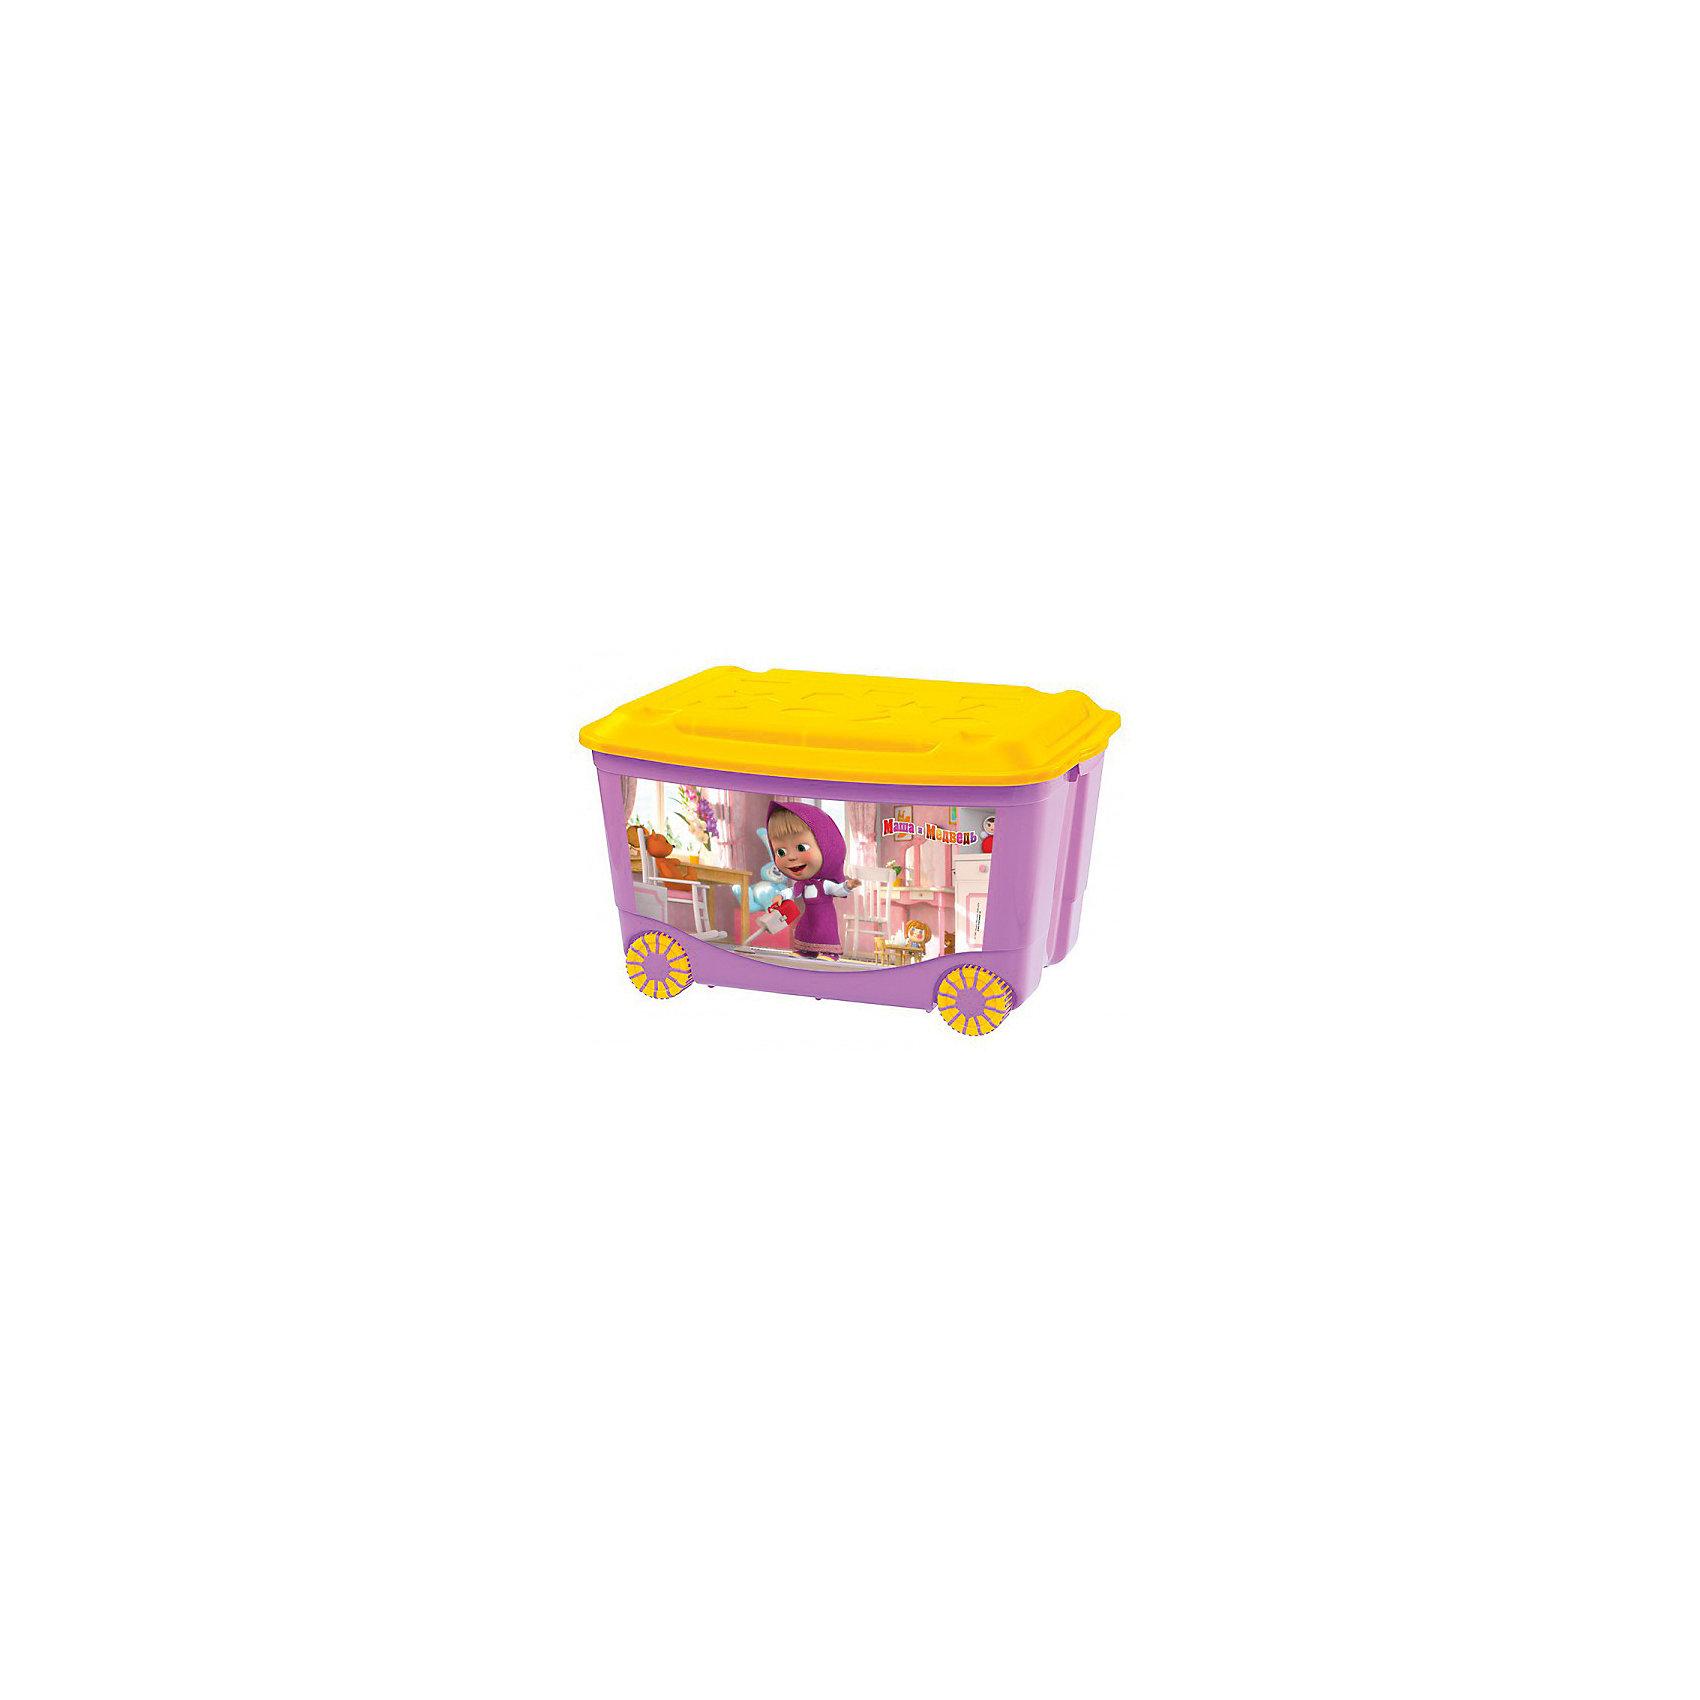 Пластишка Ящик для игрушек на колесах 580*390*335 Маша и Медведь, Пластишка, сиреневый